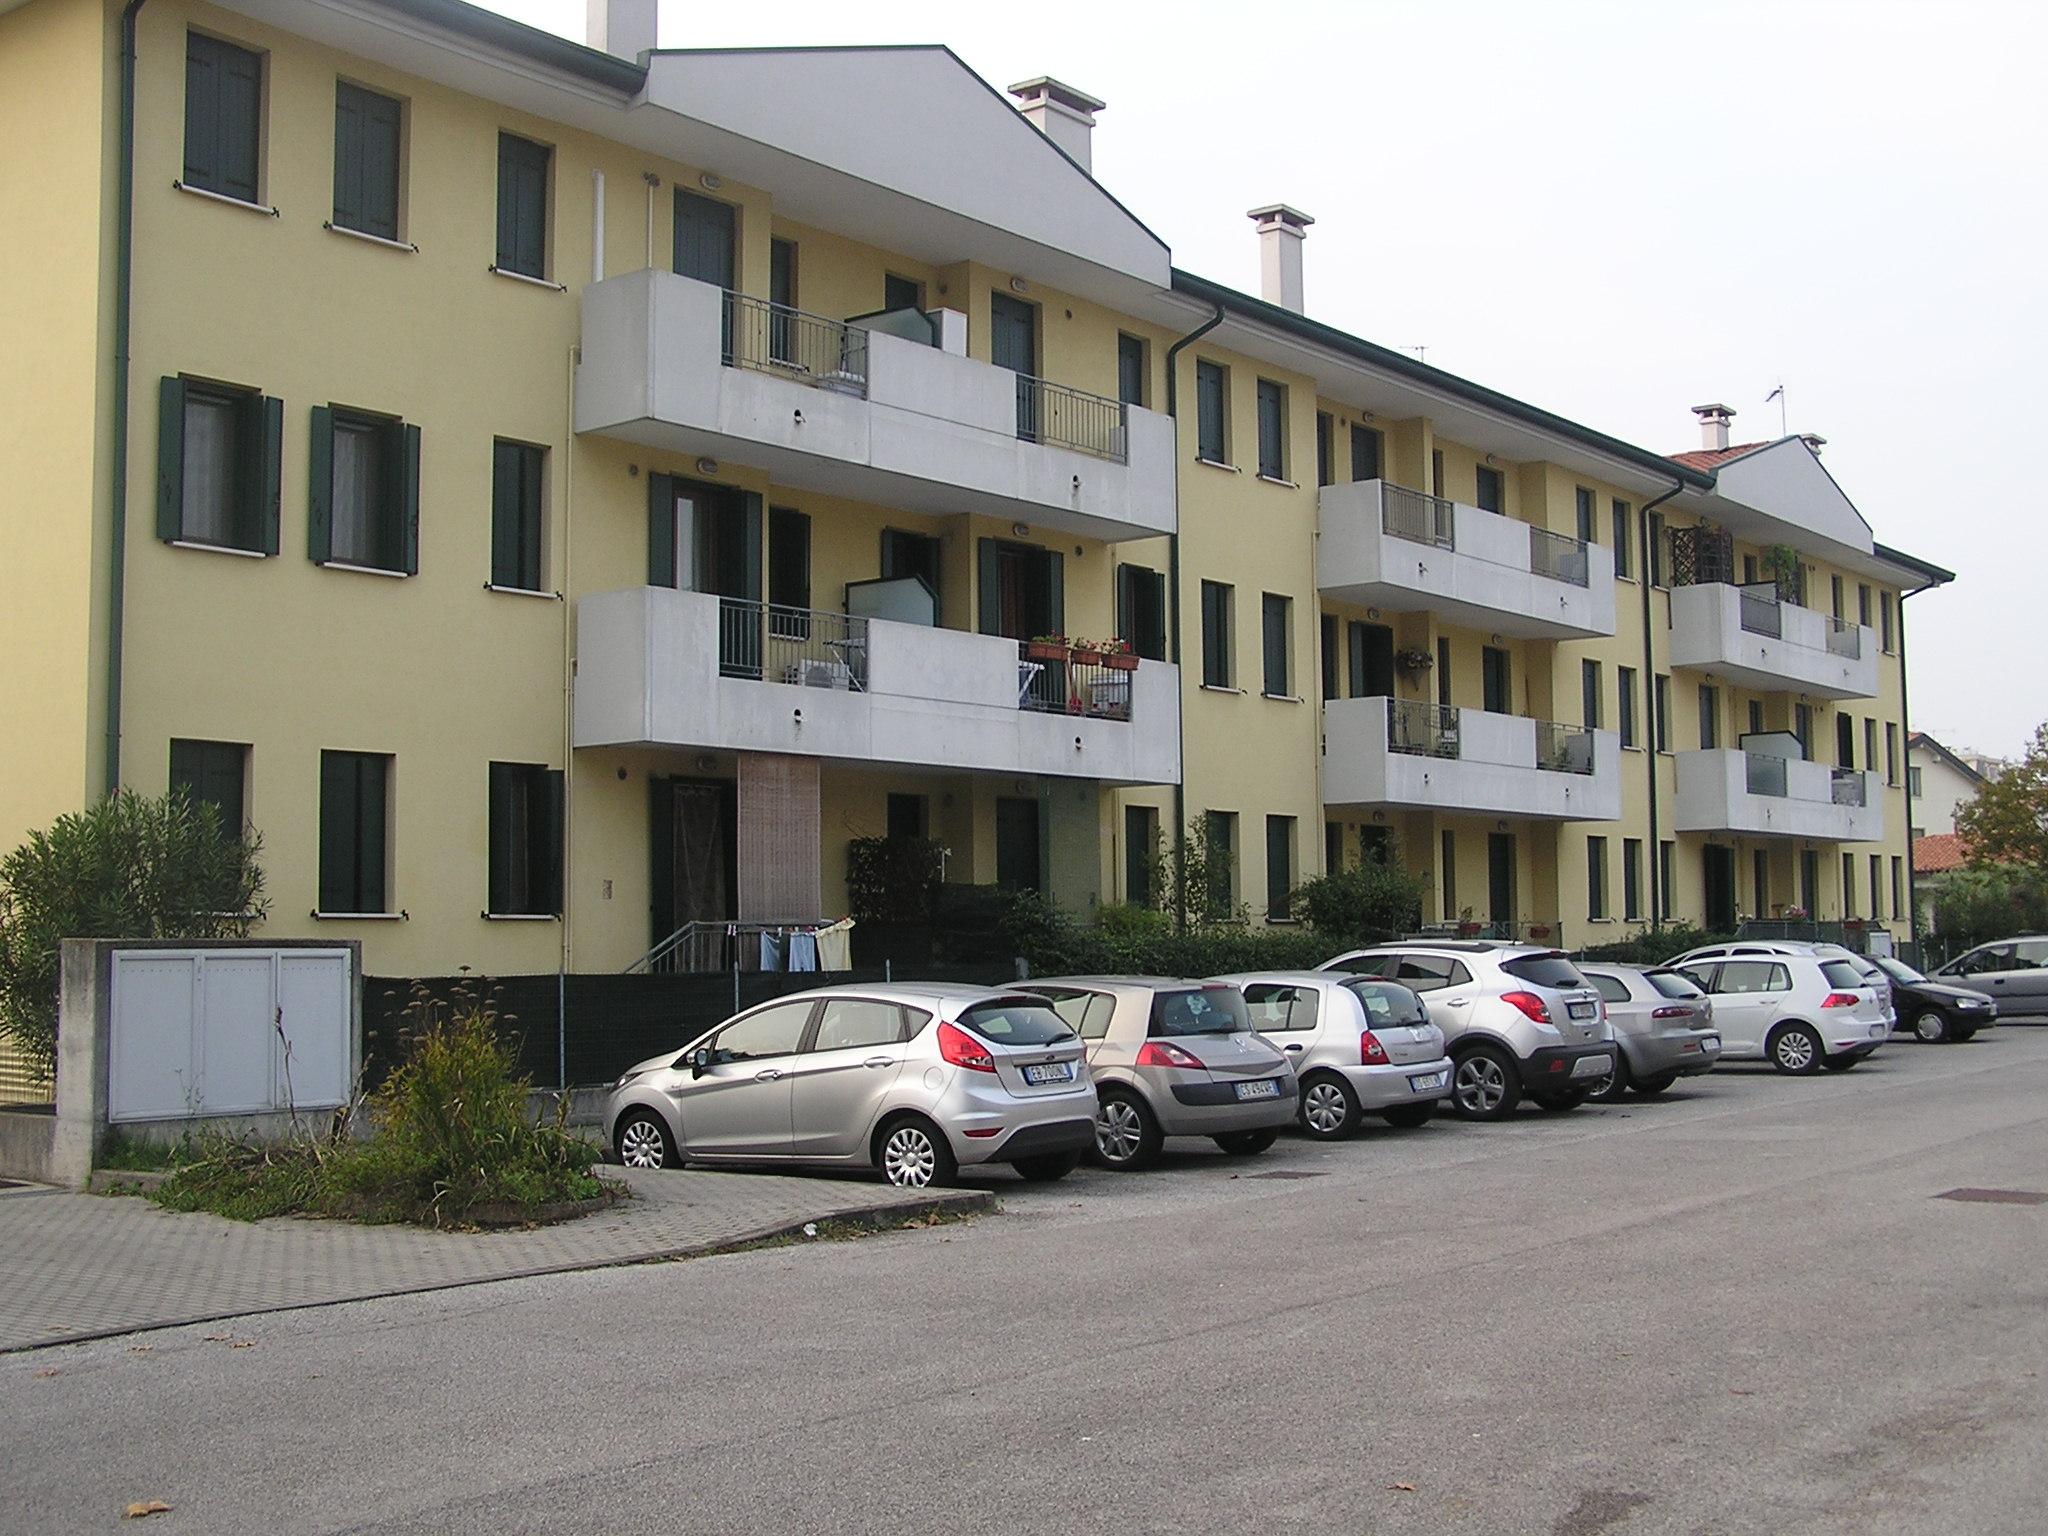 Vendesi appartamento portogruaro agenzia immobiliare for Appartamenti arredati in affitto a portogruaro